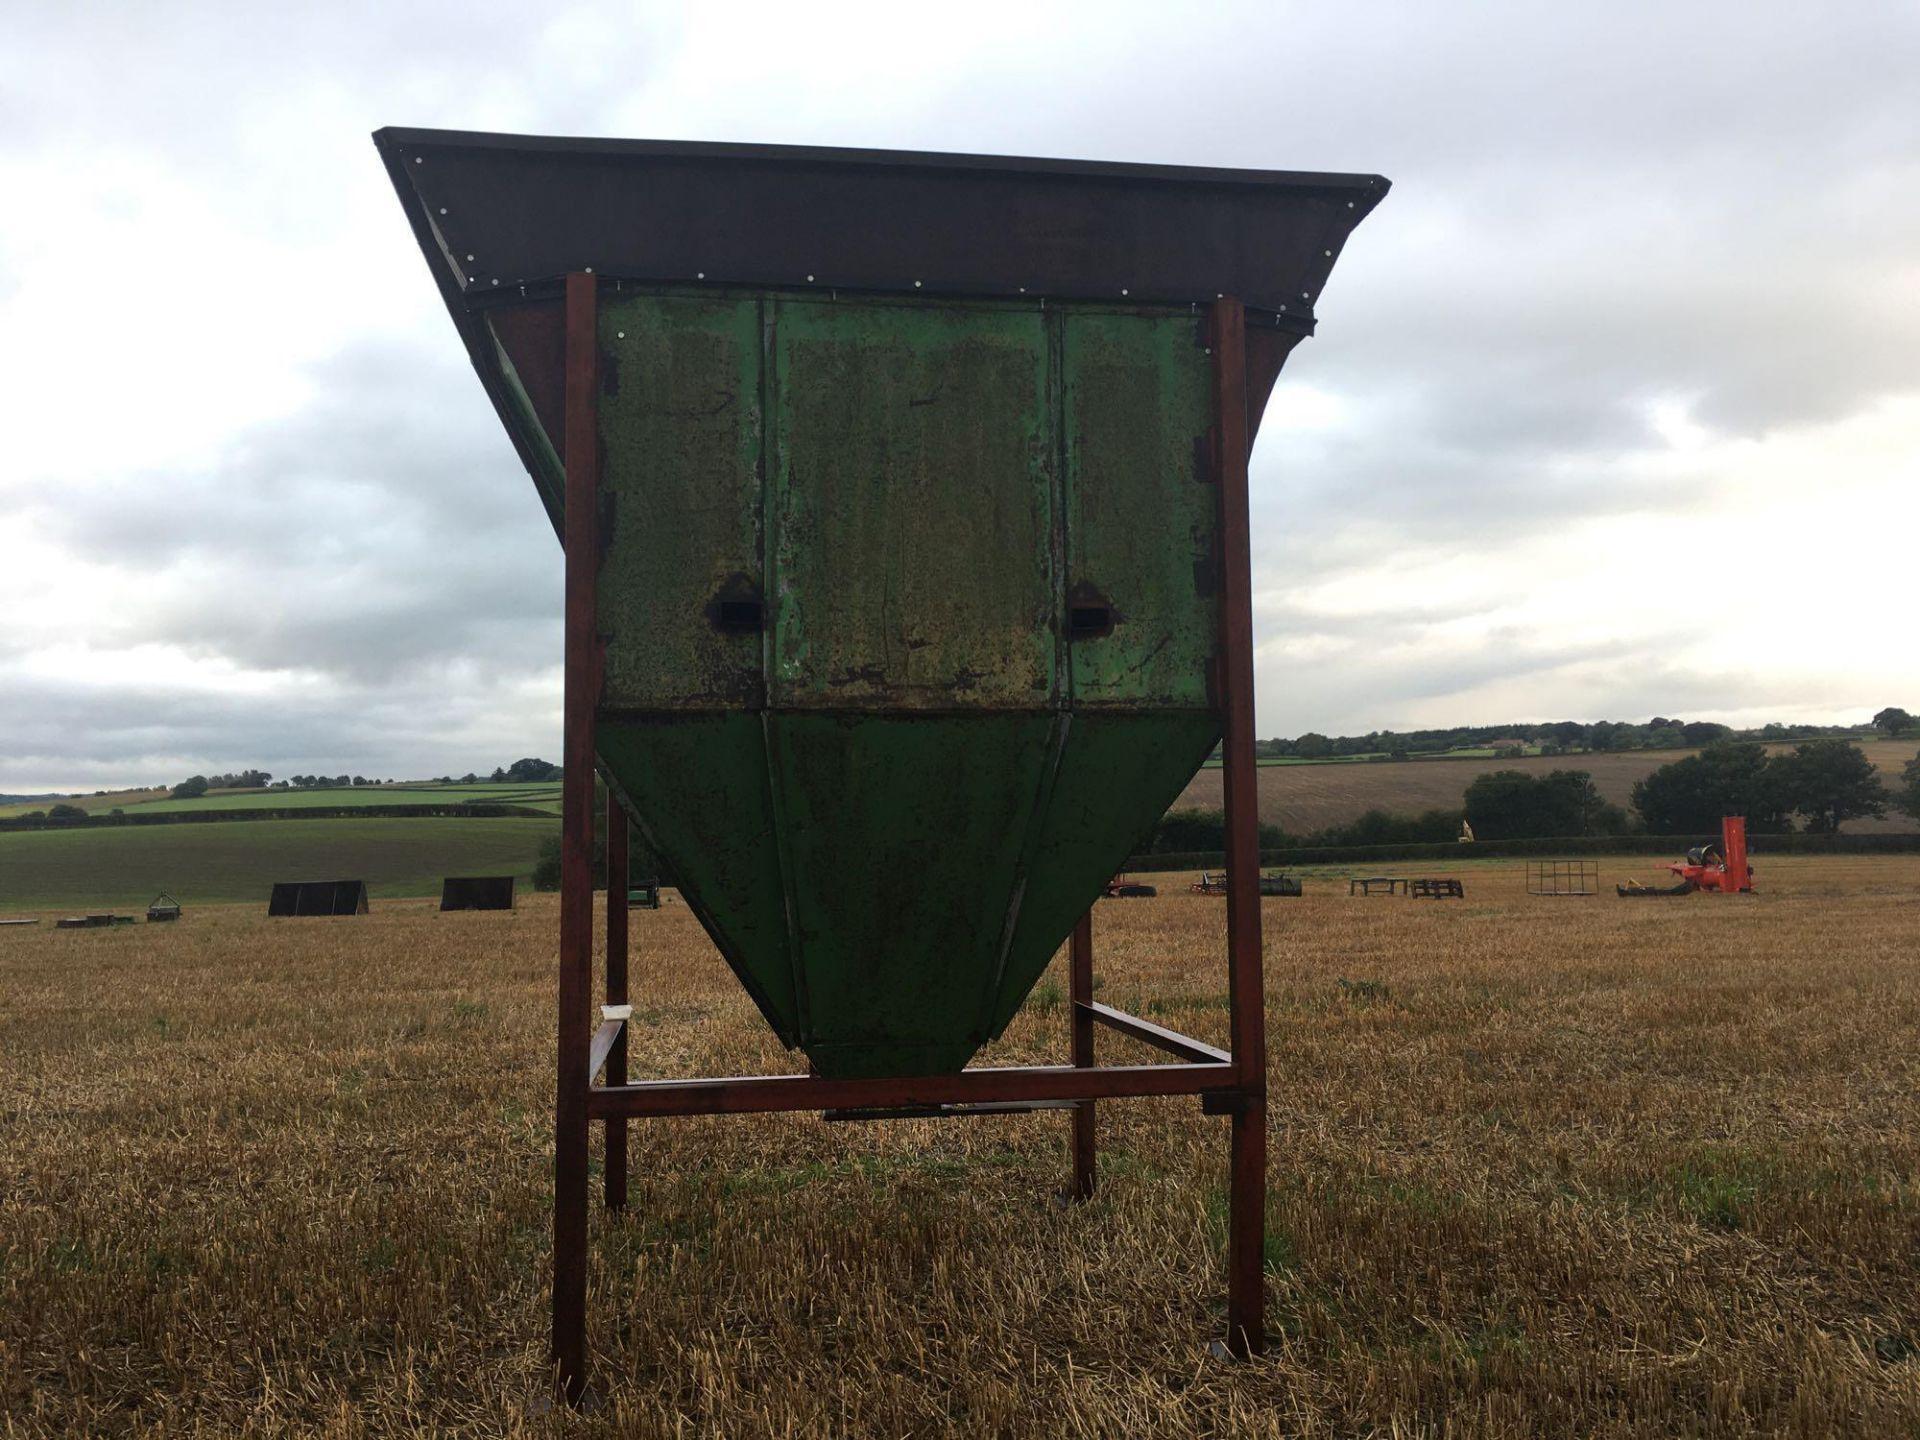 Freestanding 5t grain hopper - Image 4 of 5